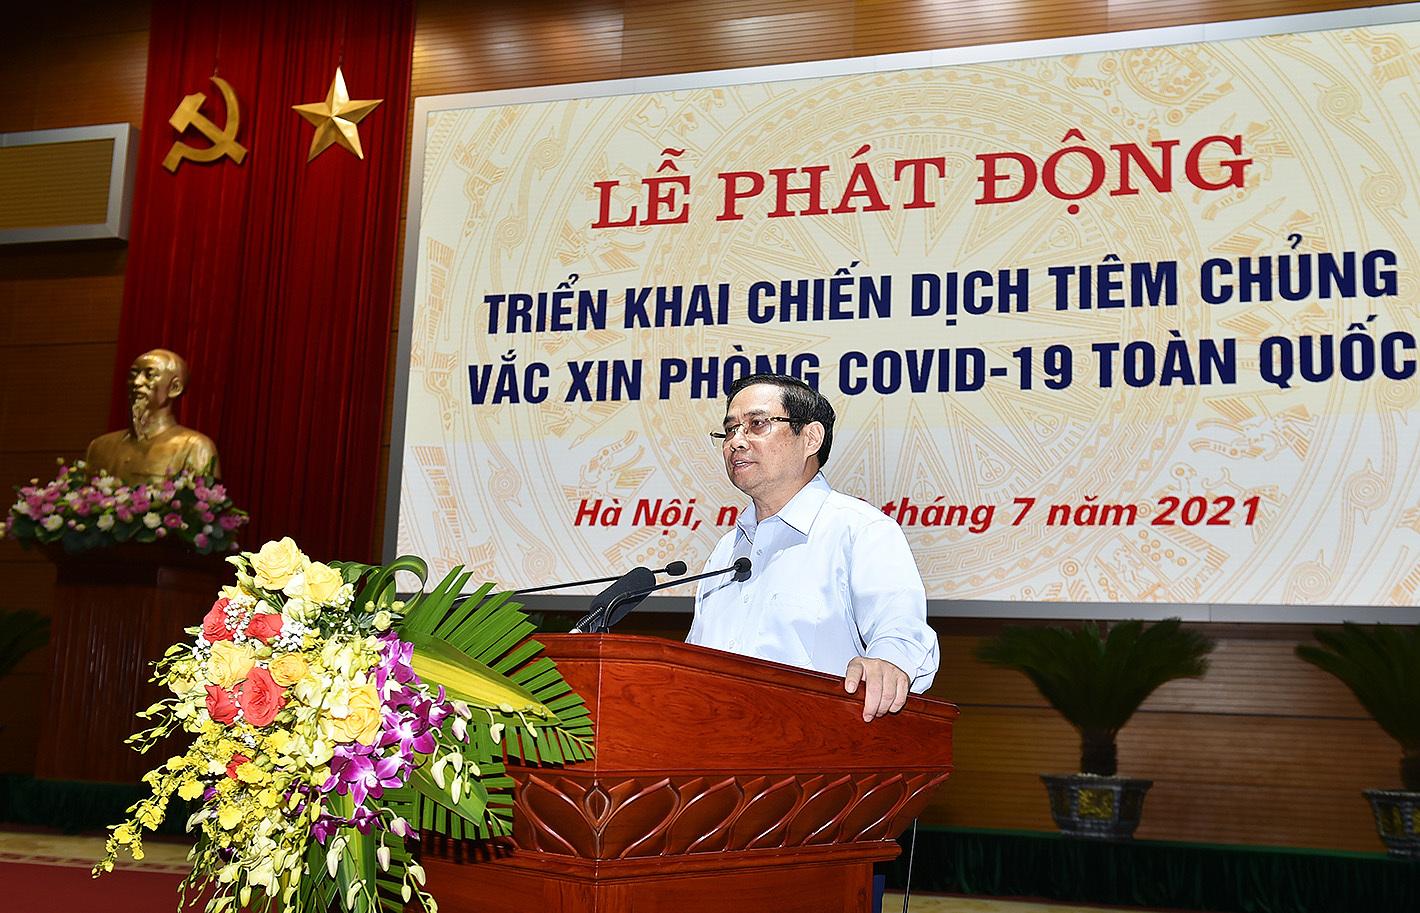 Toàn văn phát biểu của Thủ tướng Phạm Minh Chính tại lễ phát động Chiến dịch tiêm chủng toàn quốc